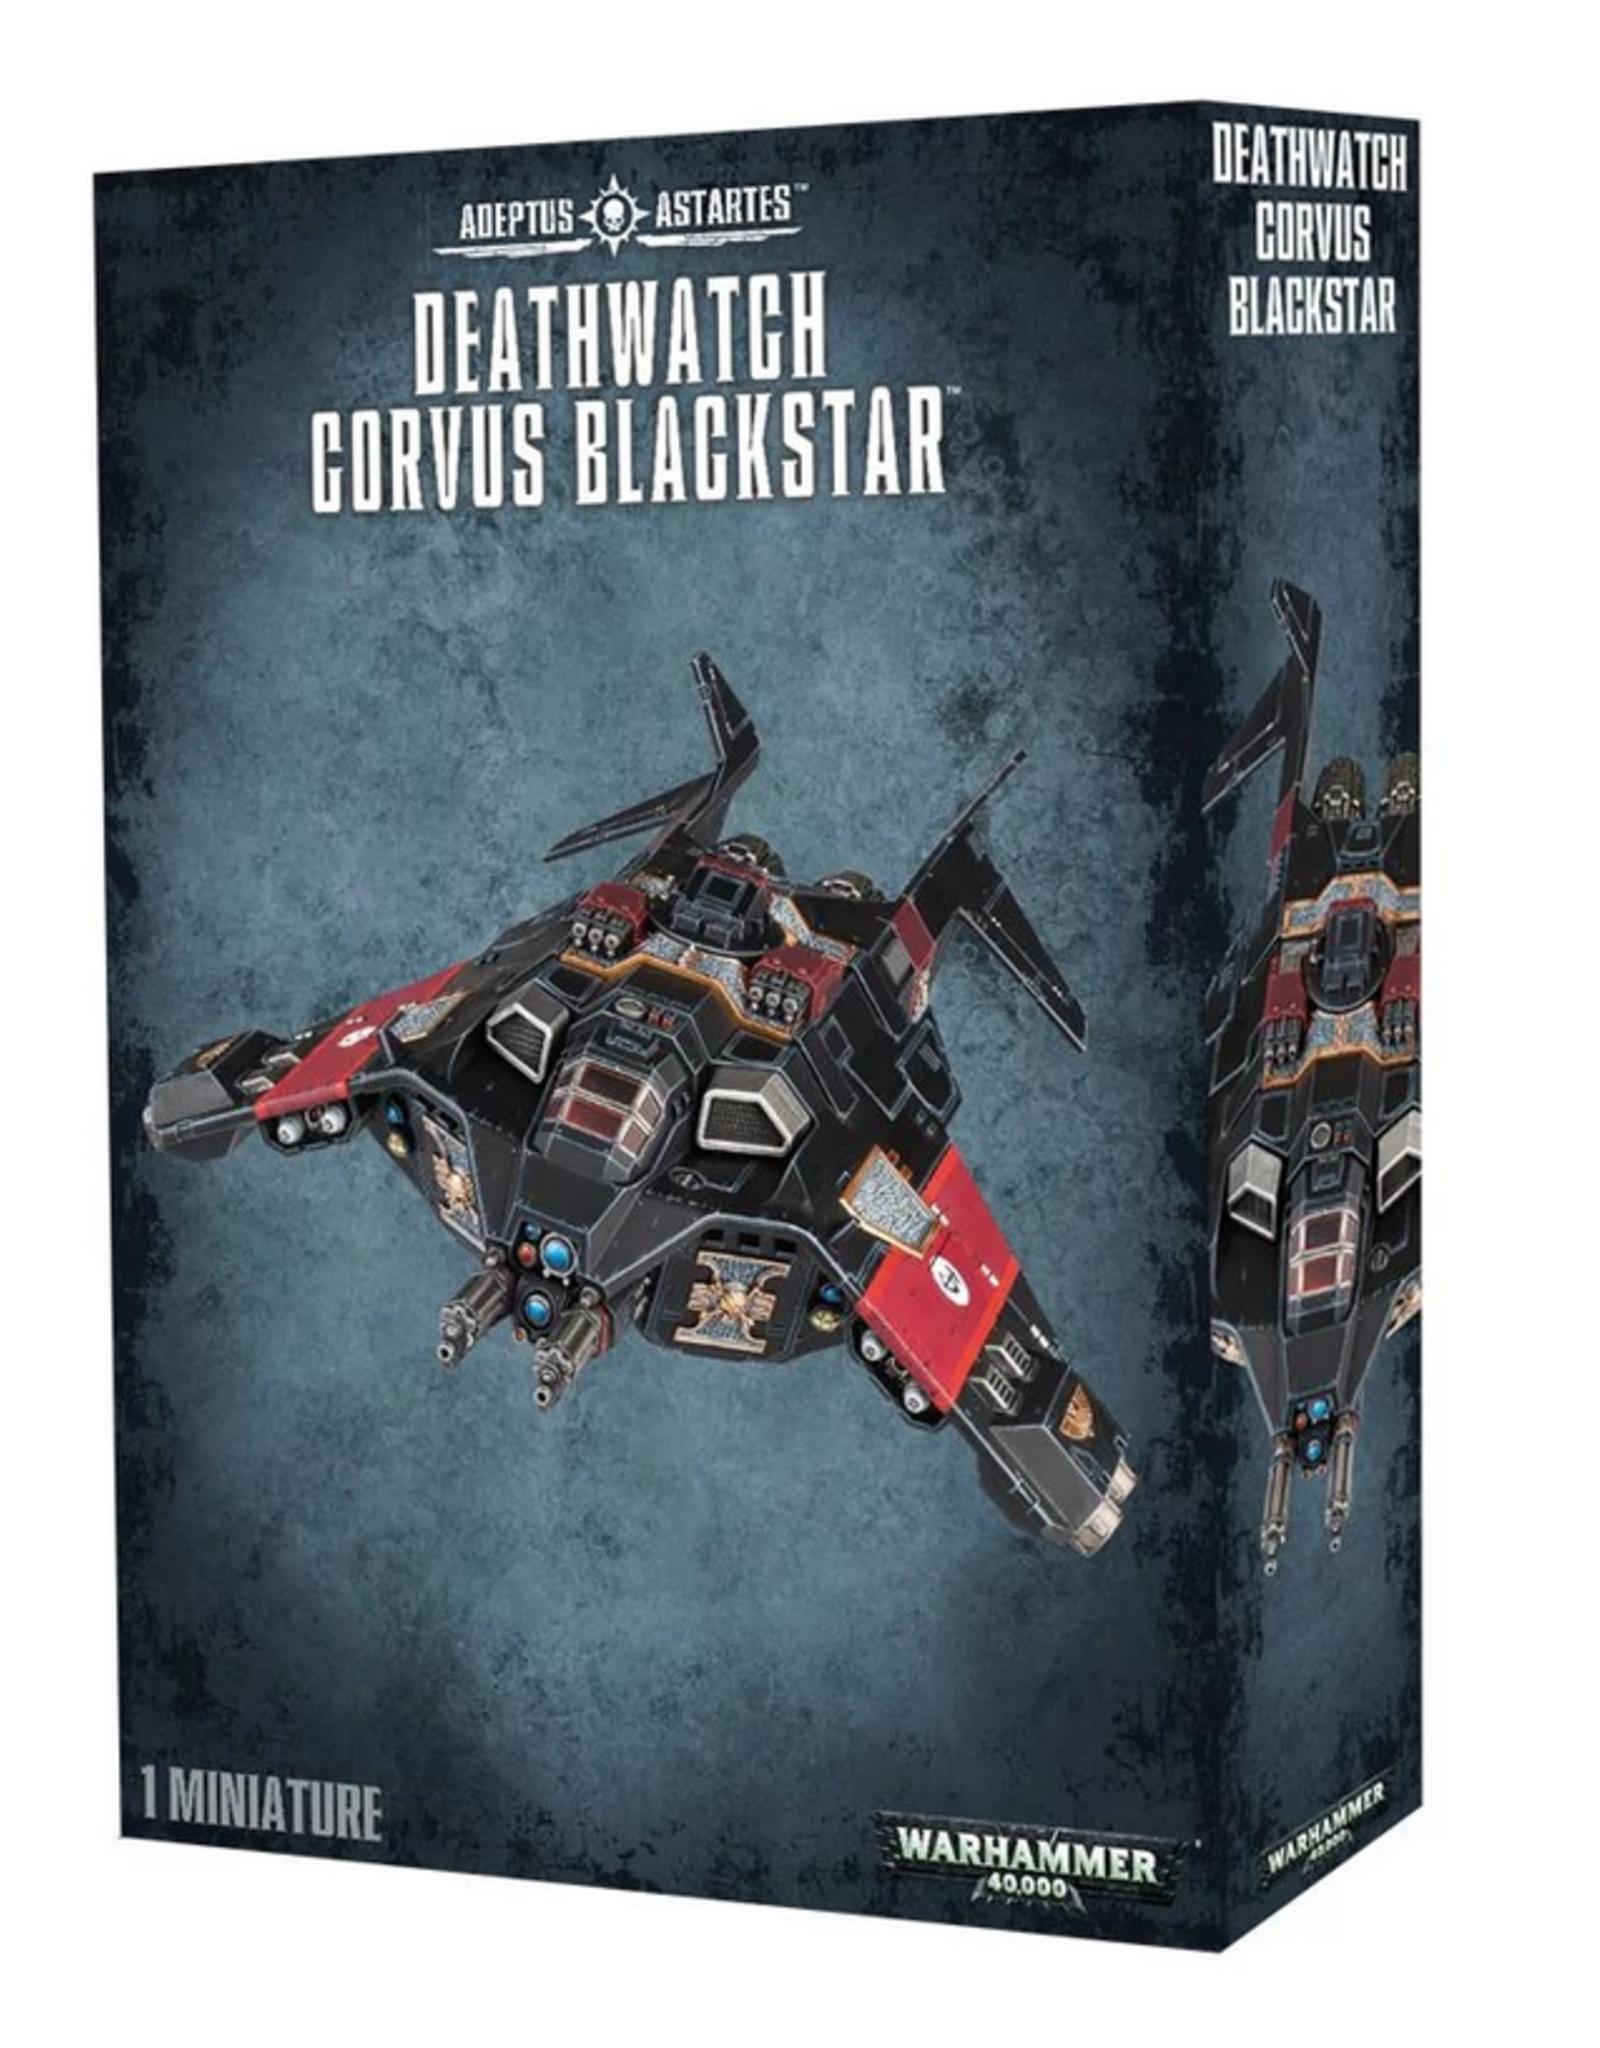 Games Workshop SM: Deathwatch Corvus Blackstar